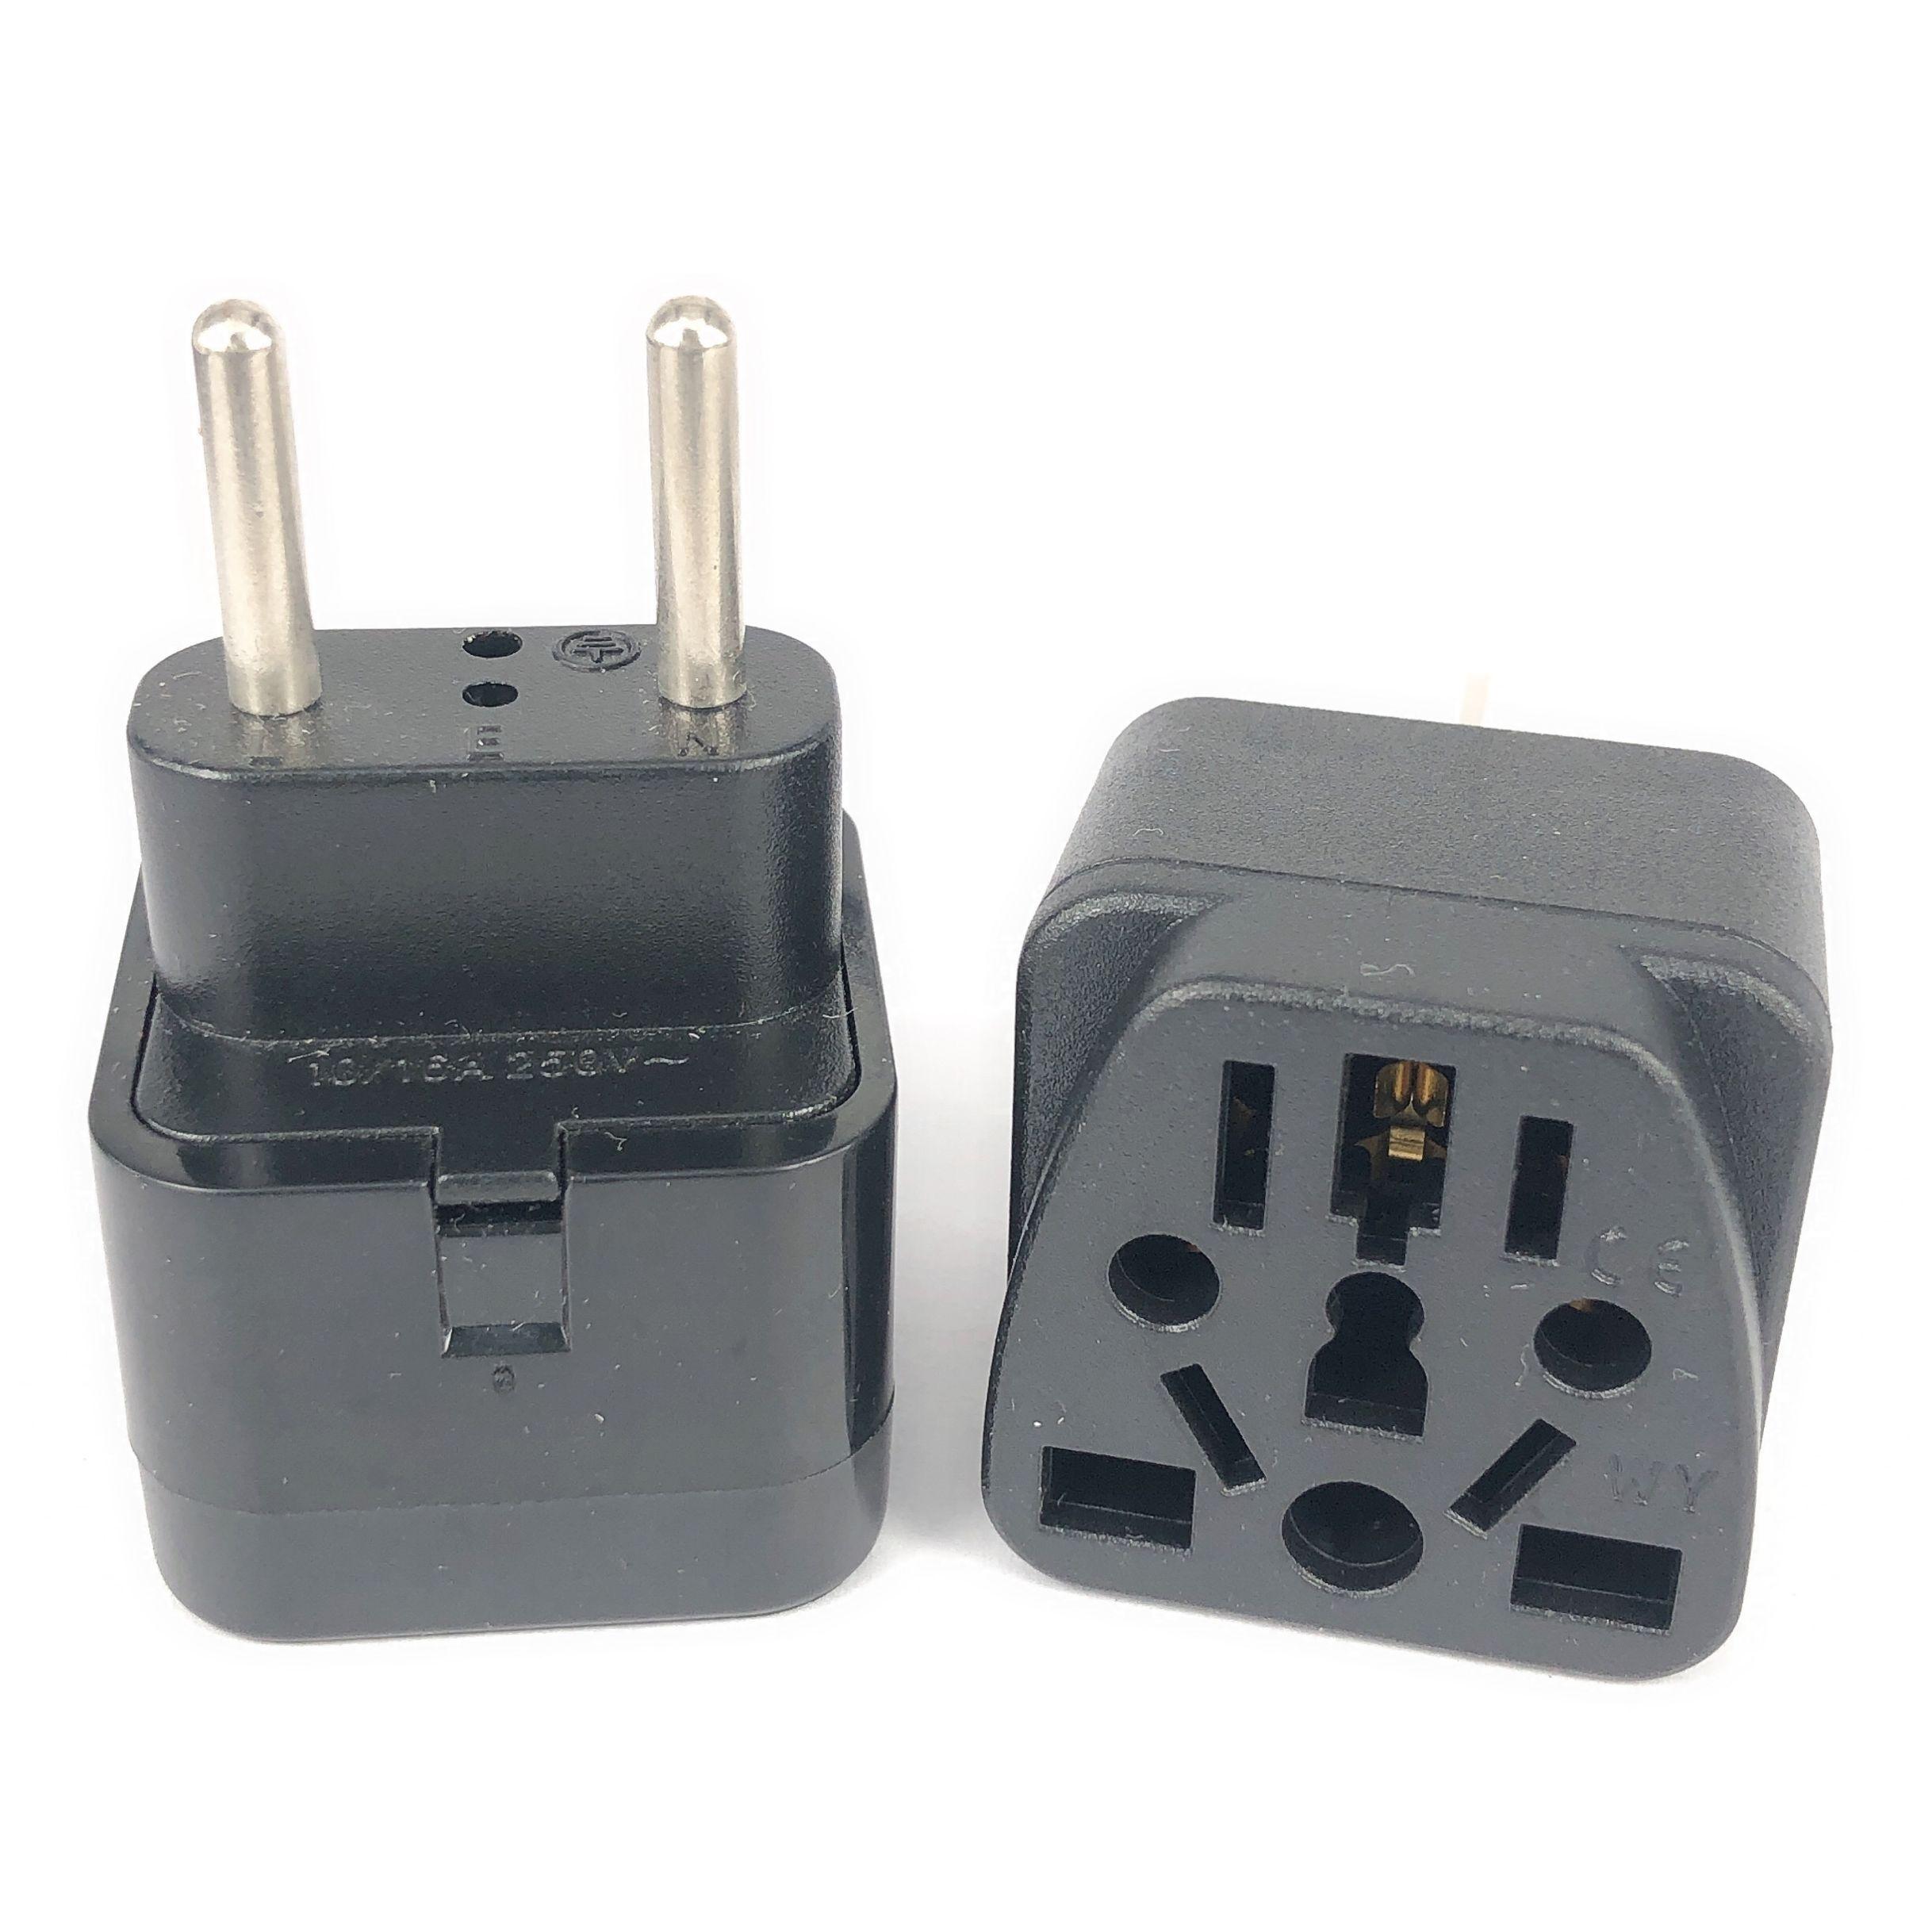 Универсальный дорожный адаптер для зарядного устройства, Италия, Швейцария, Индия, Сингапур, Малайзия, США, Великобритания, Австралия в ЕС, р...